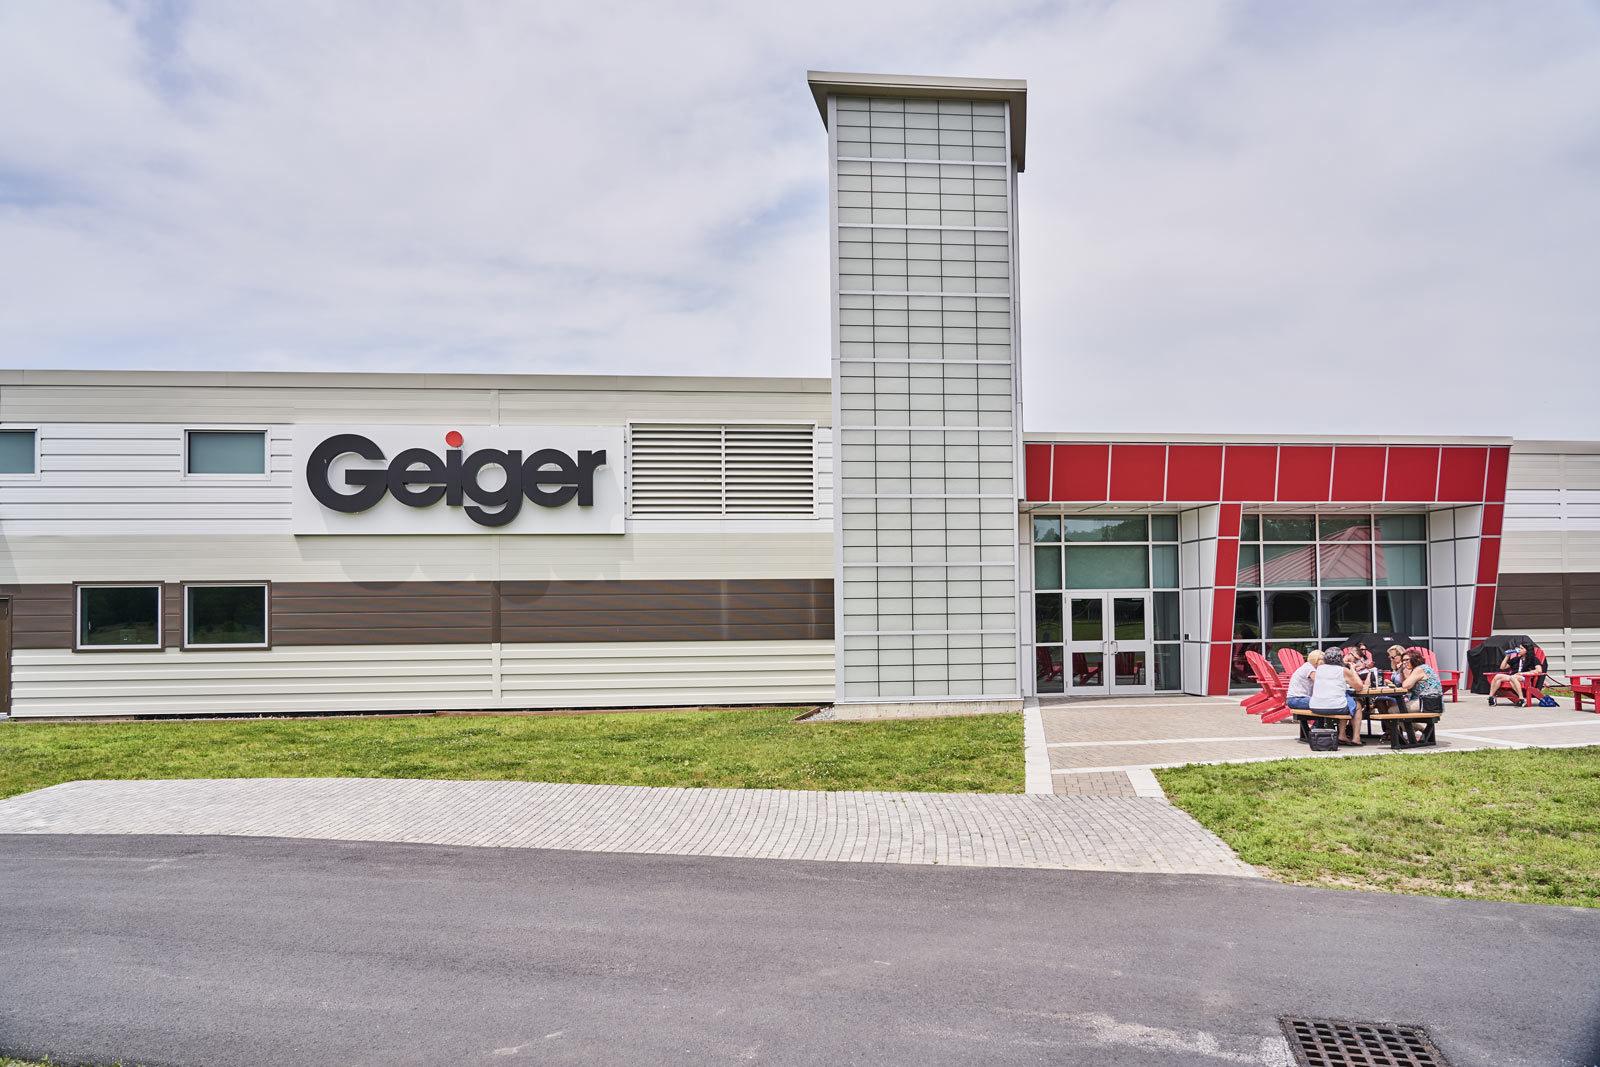 Geiger building exterior